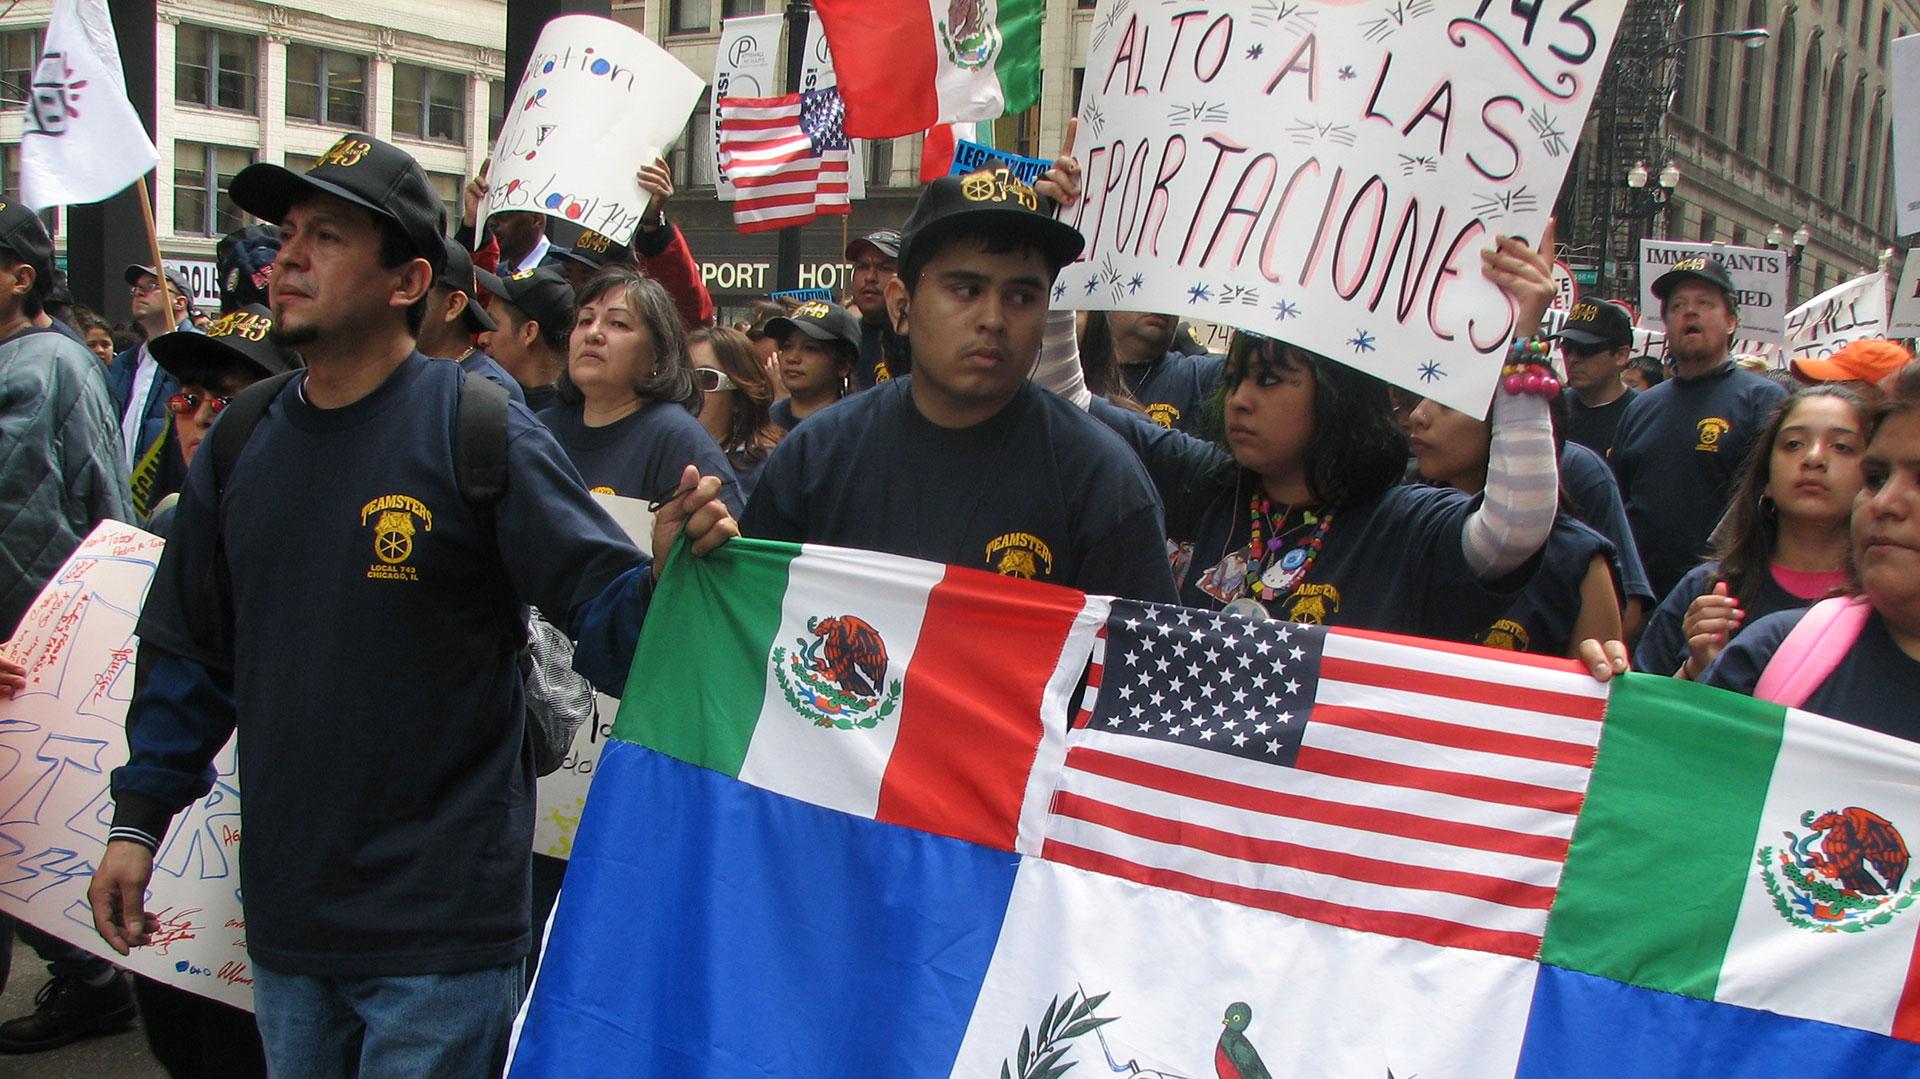 En los EE.UU. hubo marchas contra la expulsión de latinos indocumentados. (Getty)